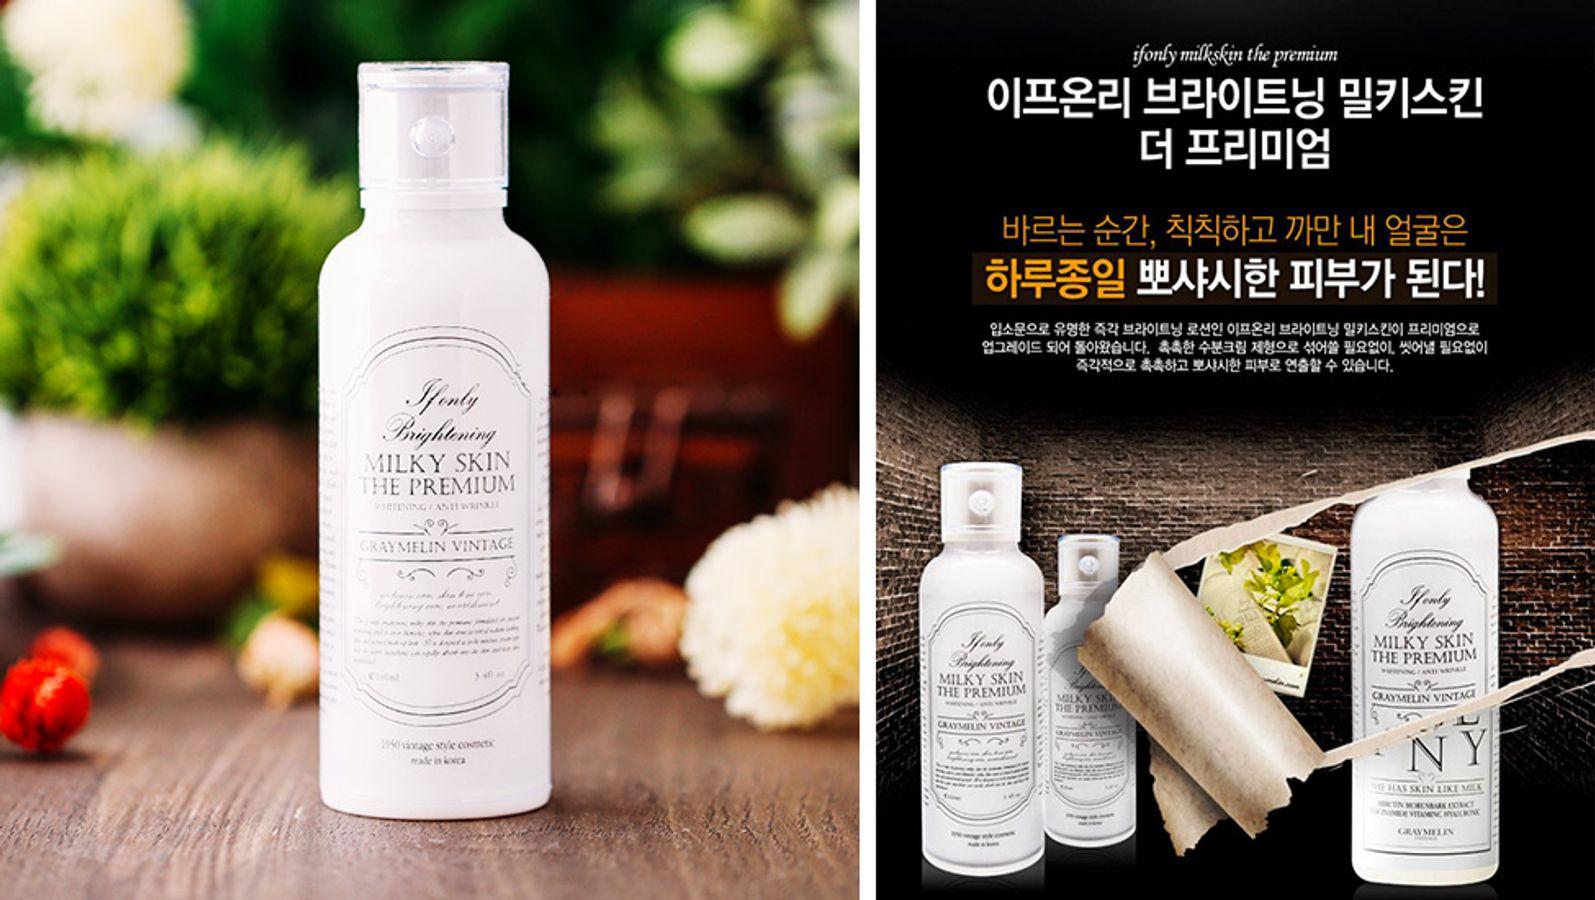 Kem Dưỡng Trắng Da Milky Skin The Premium Hàn Quốc